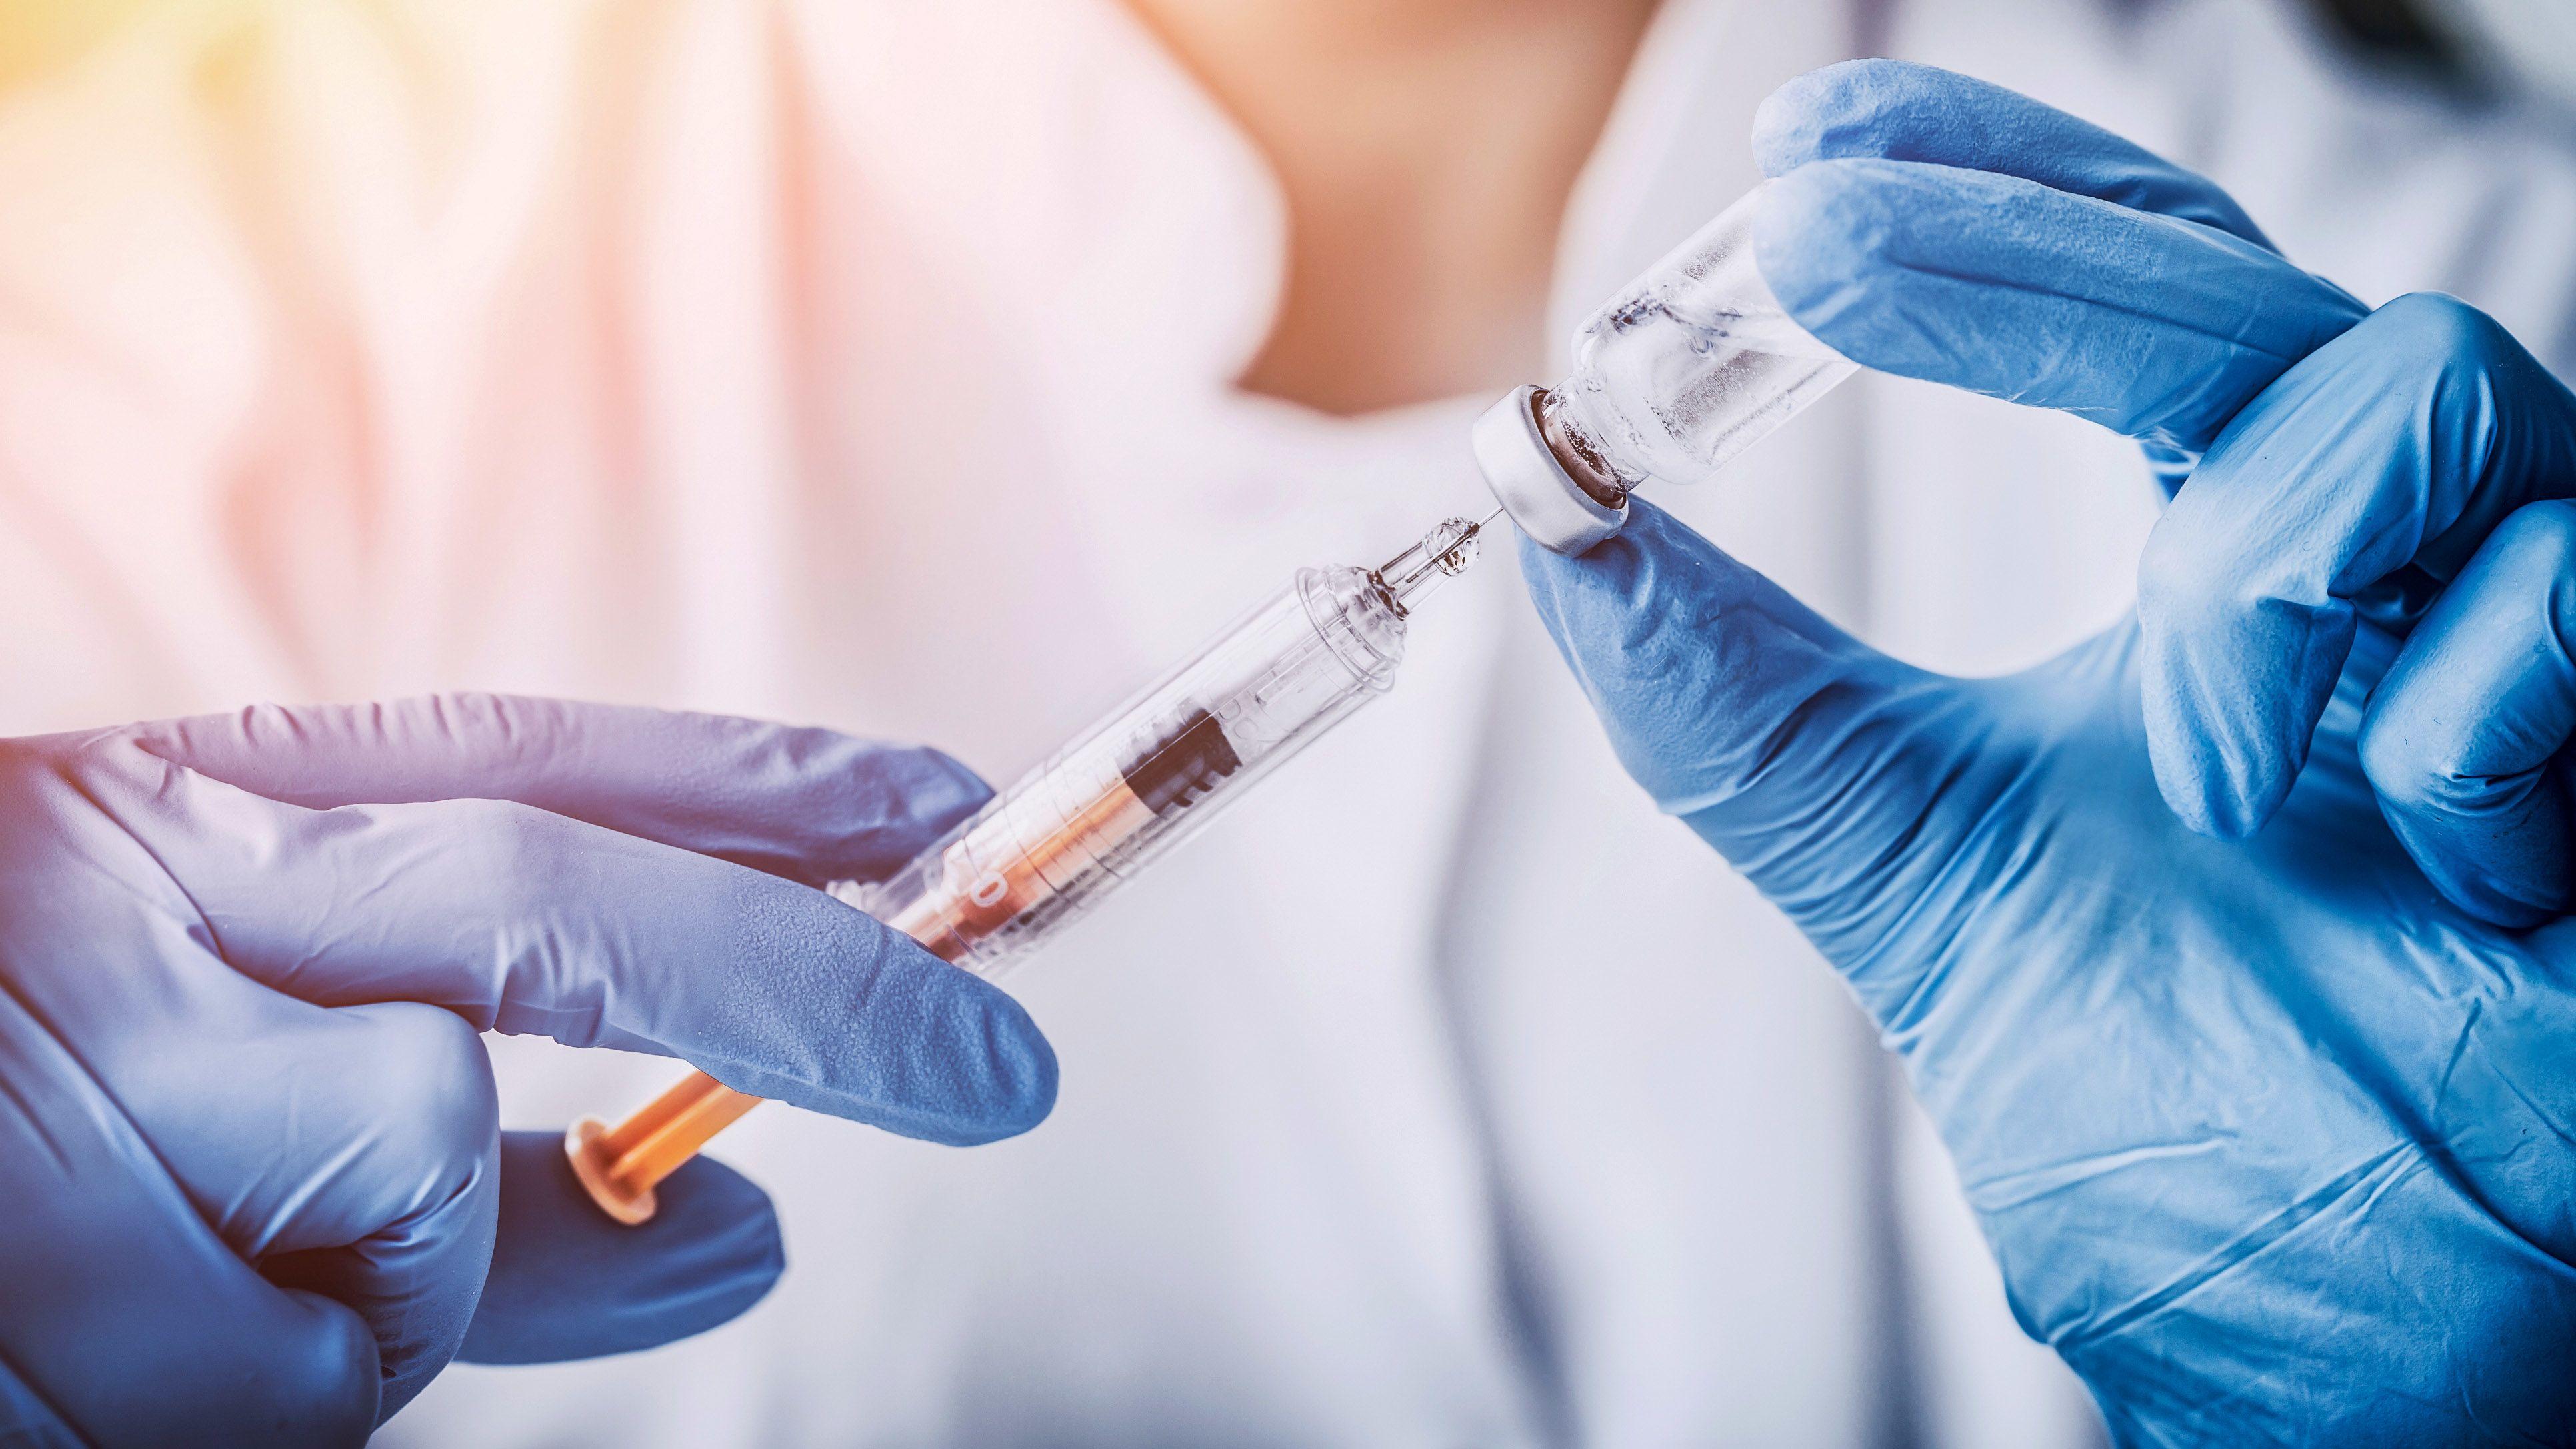 férgek hogyan kell kezelni a gv-t hogyan lehet gyógyítani a szemölcsök műtét nélkül